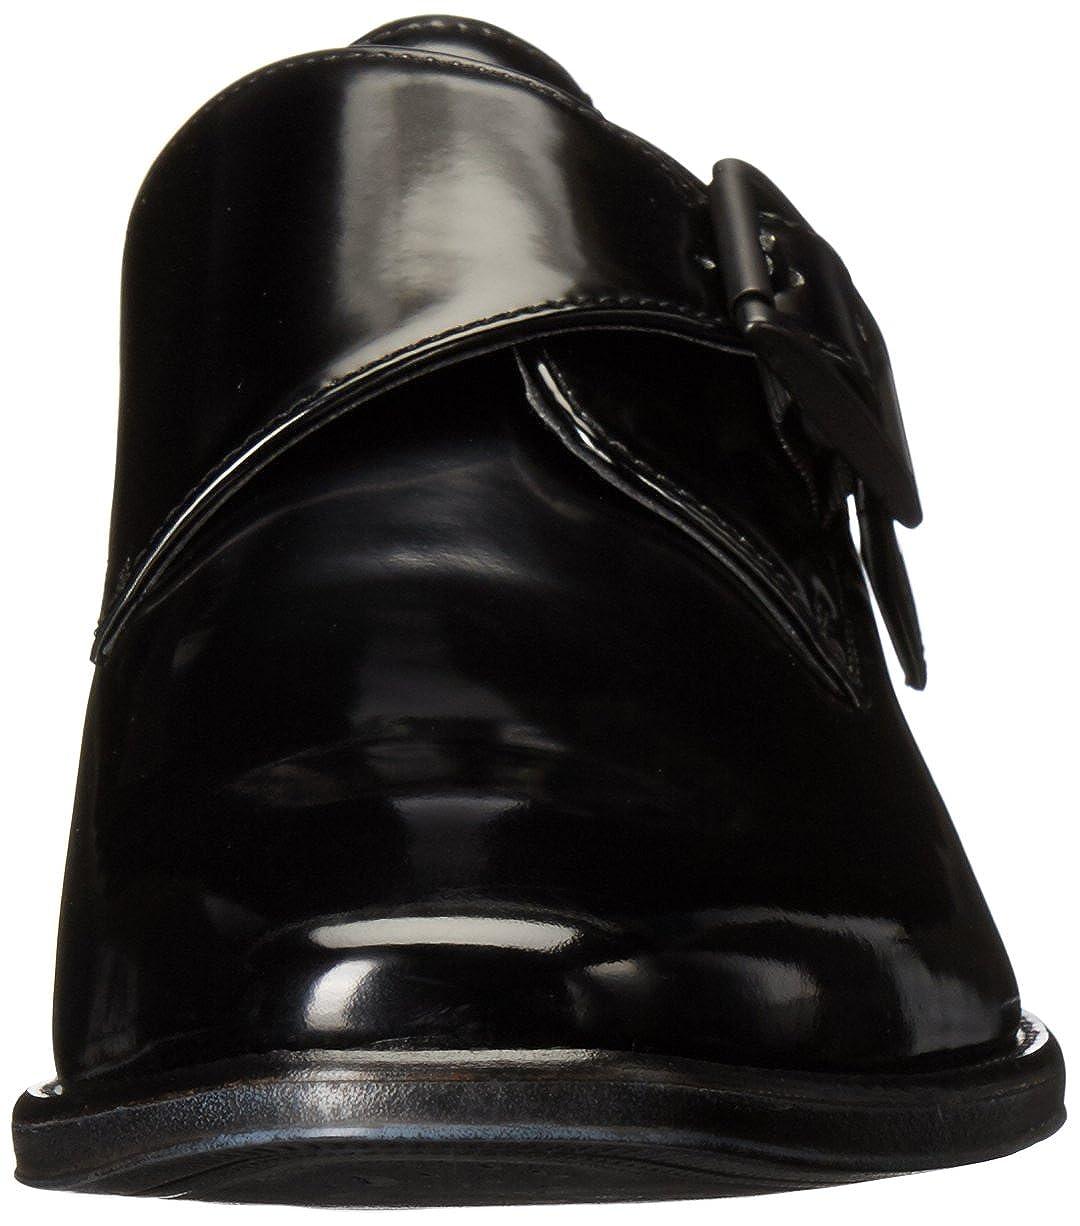 Kenneth Cole REACTION Mens Left Side Slip-On Loafer